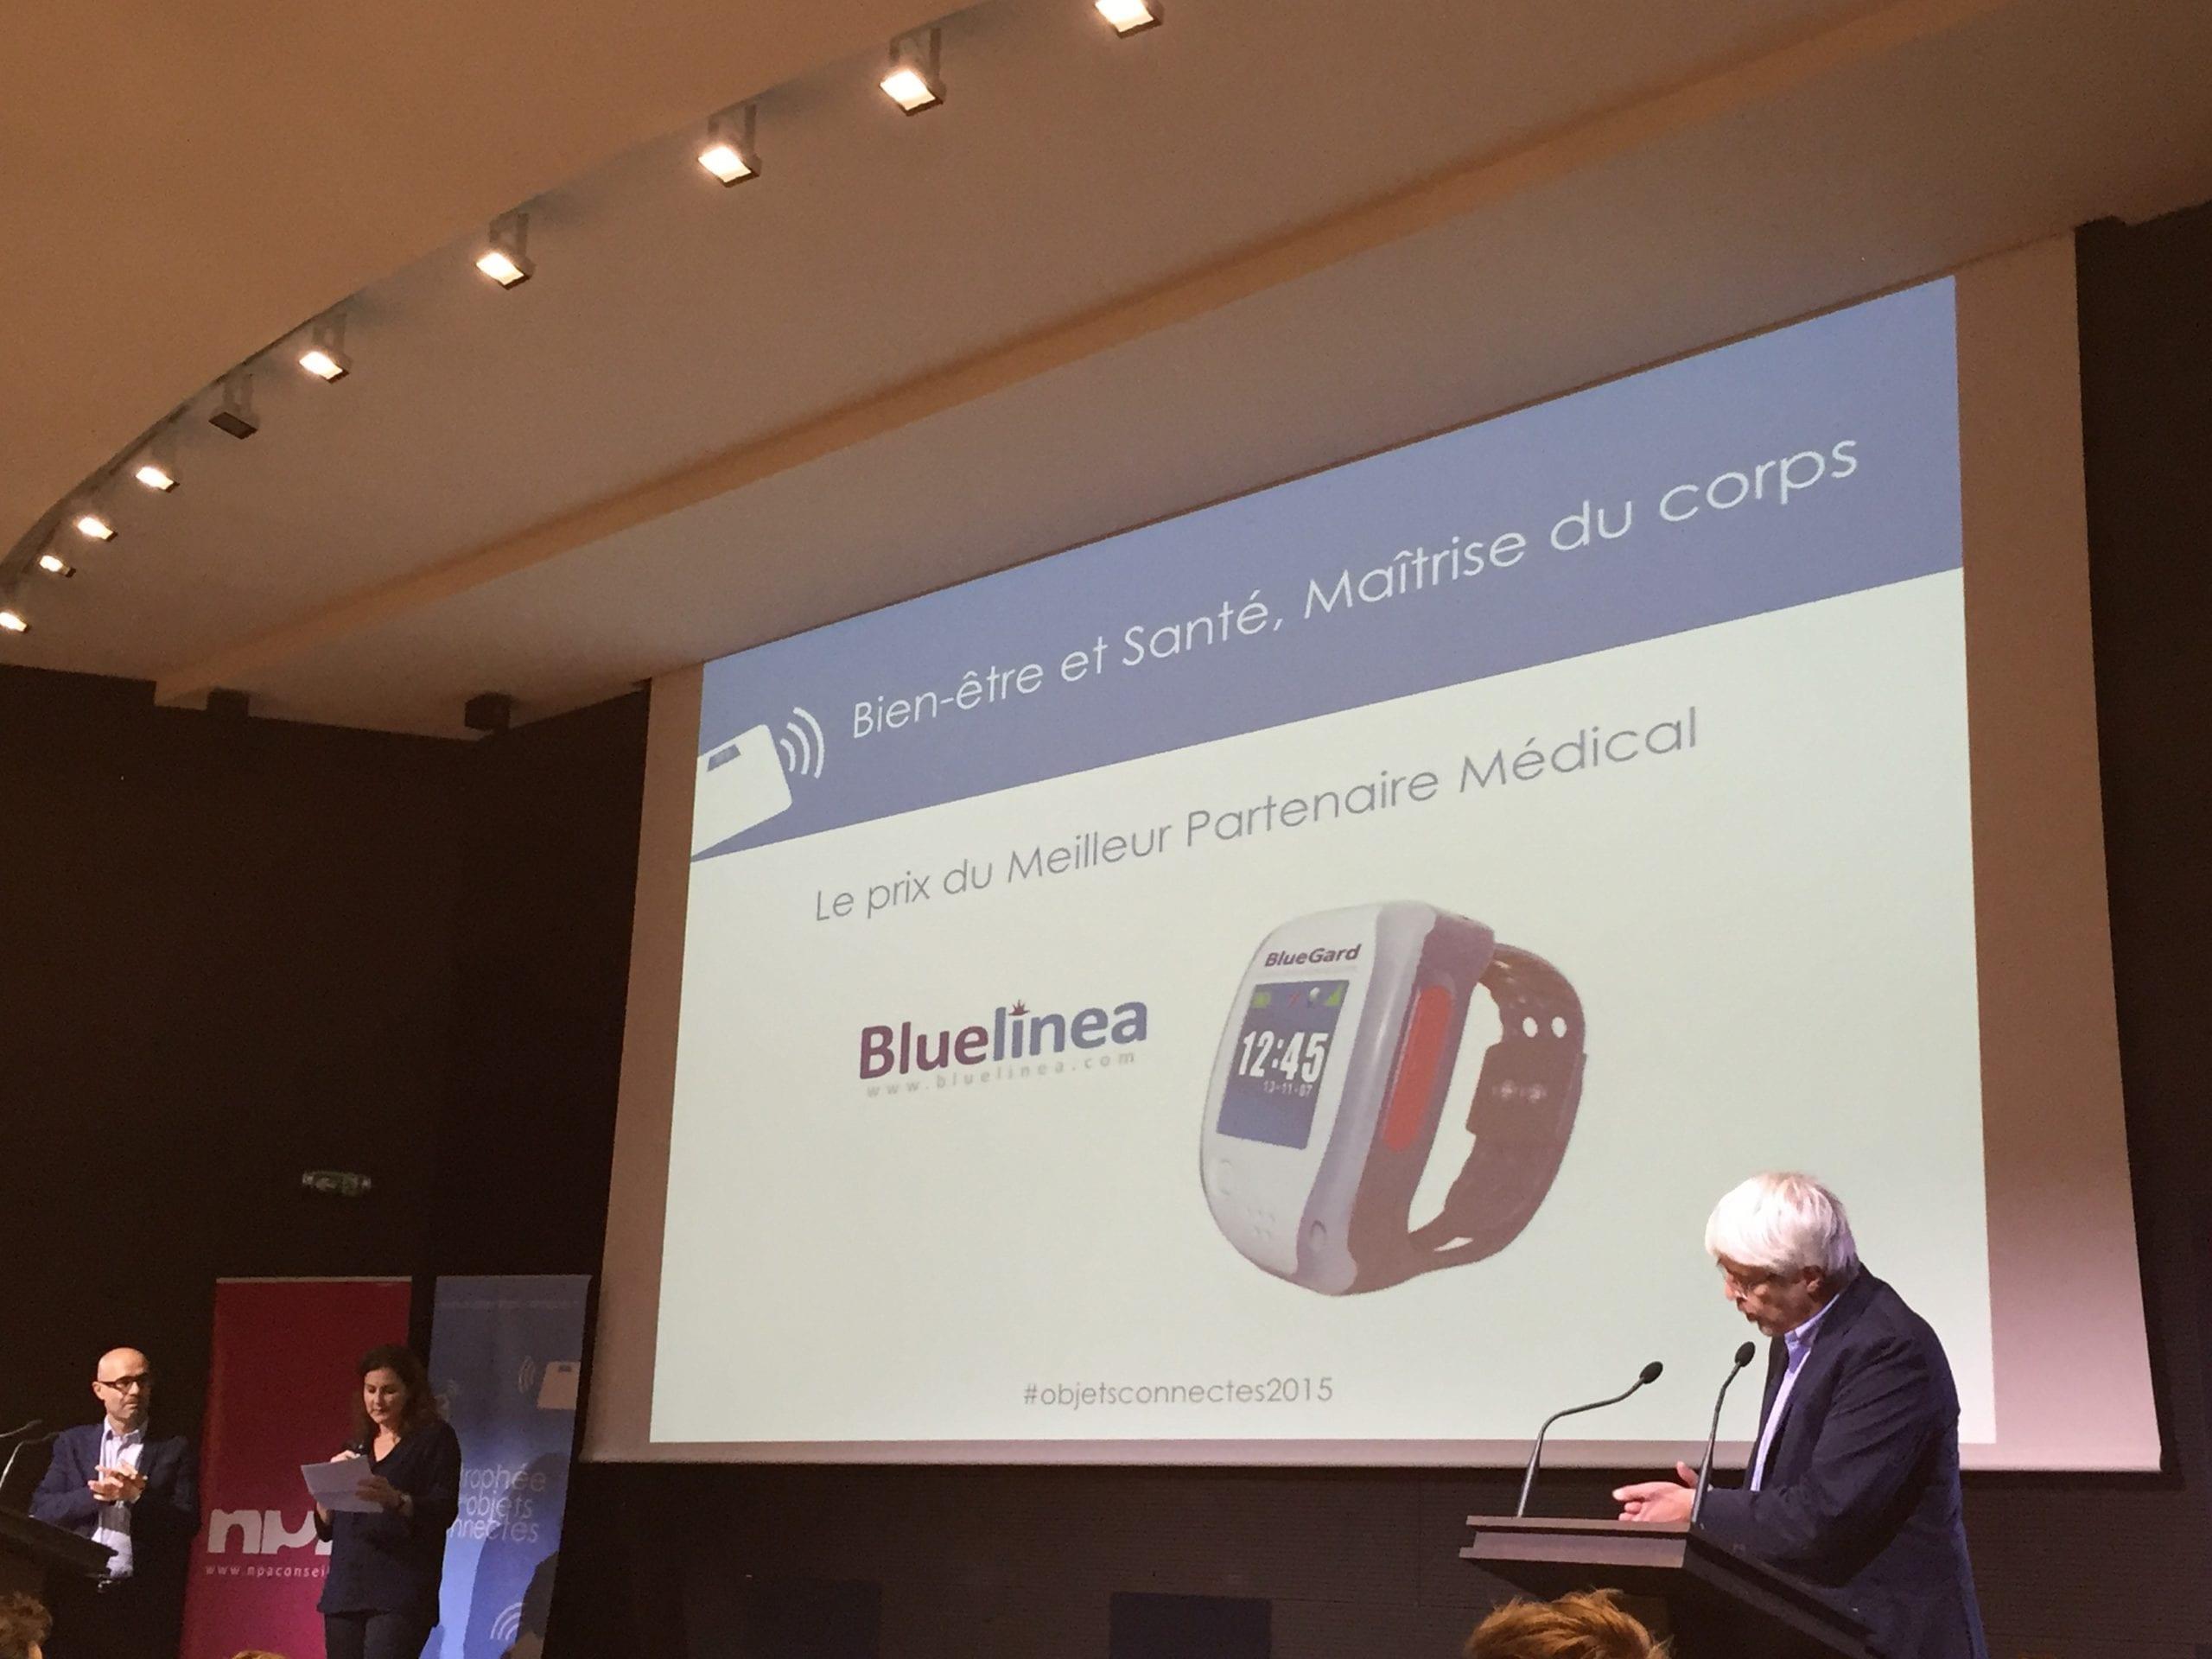 Bluelinea laur at du prix du meilleur partenaire m dical au troph e des objets connect s - Prix du meilleur architecte ...